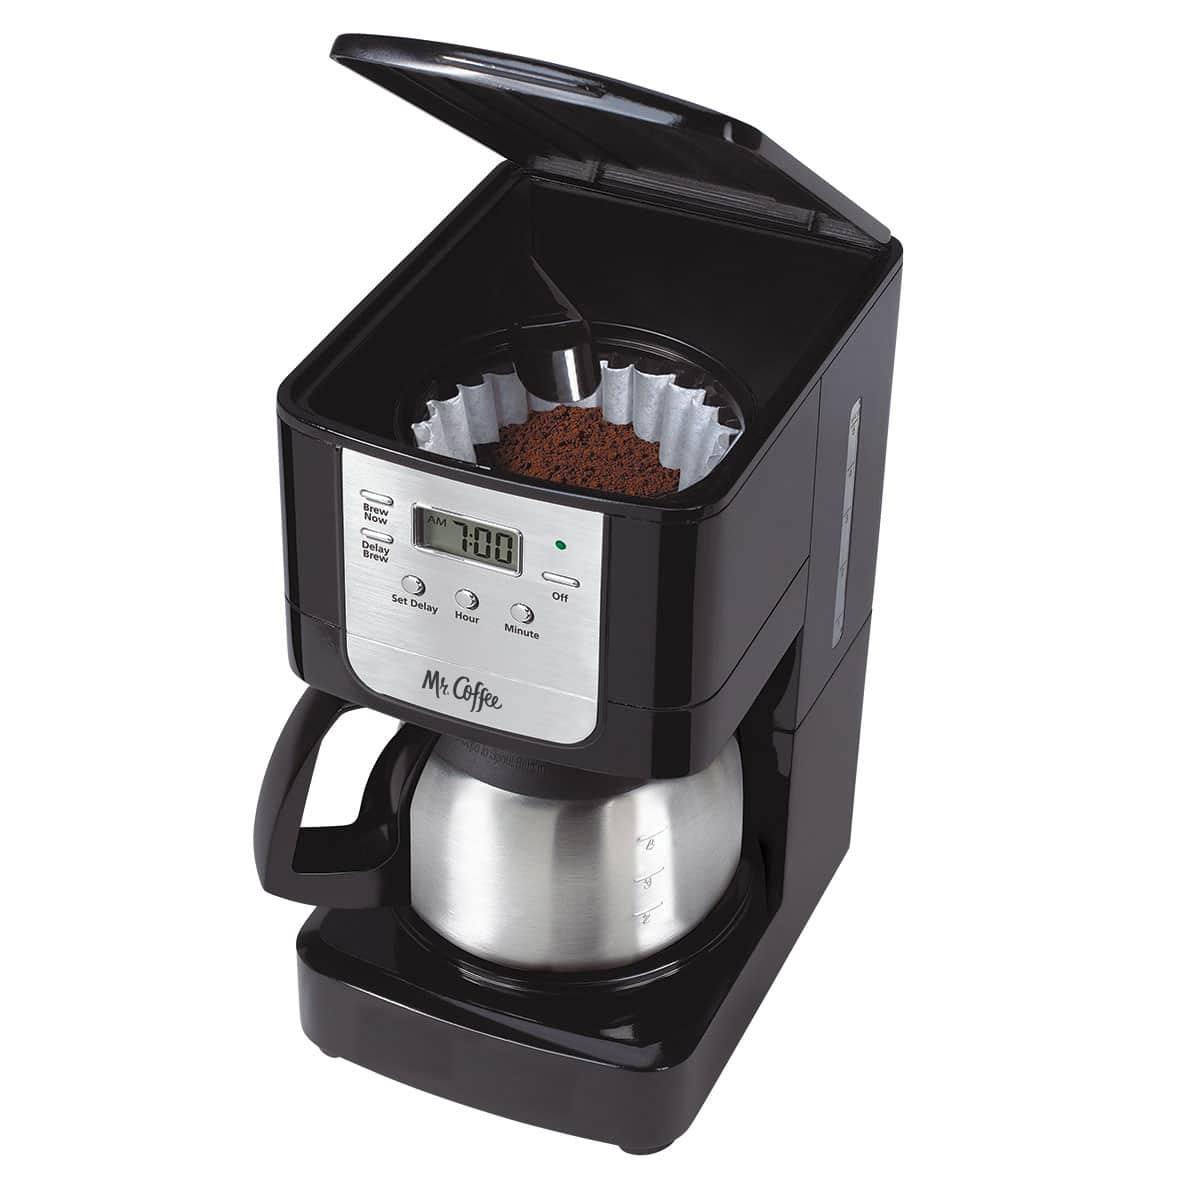 8 Best 4 Cup Coffee Makers Reviewed in Detail (Jan. 2020)